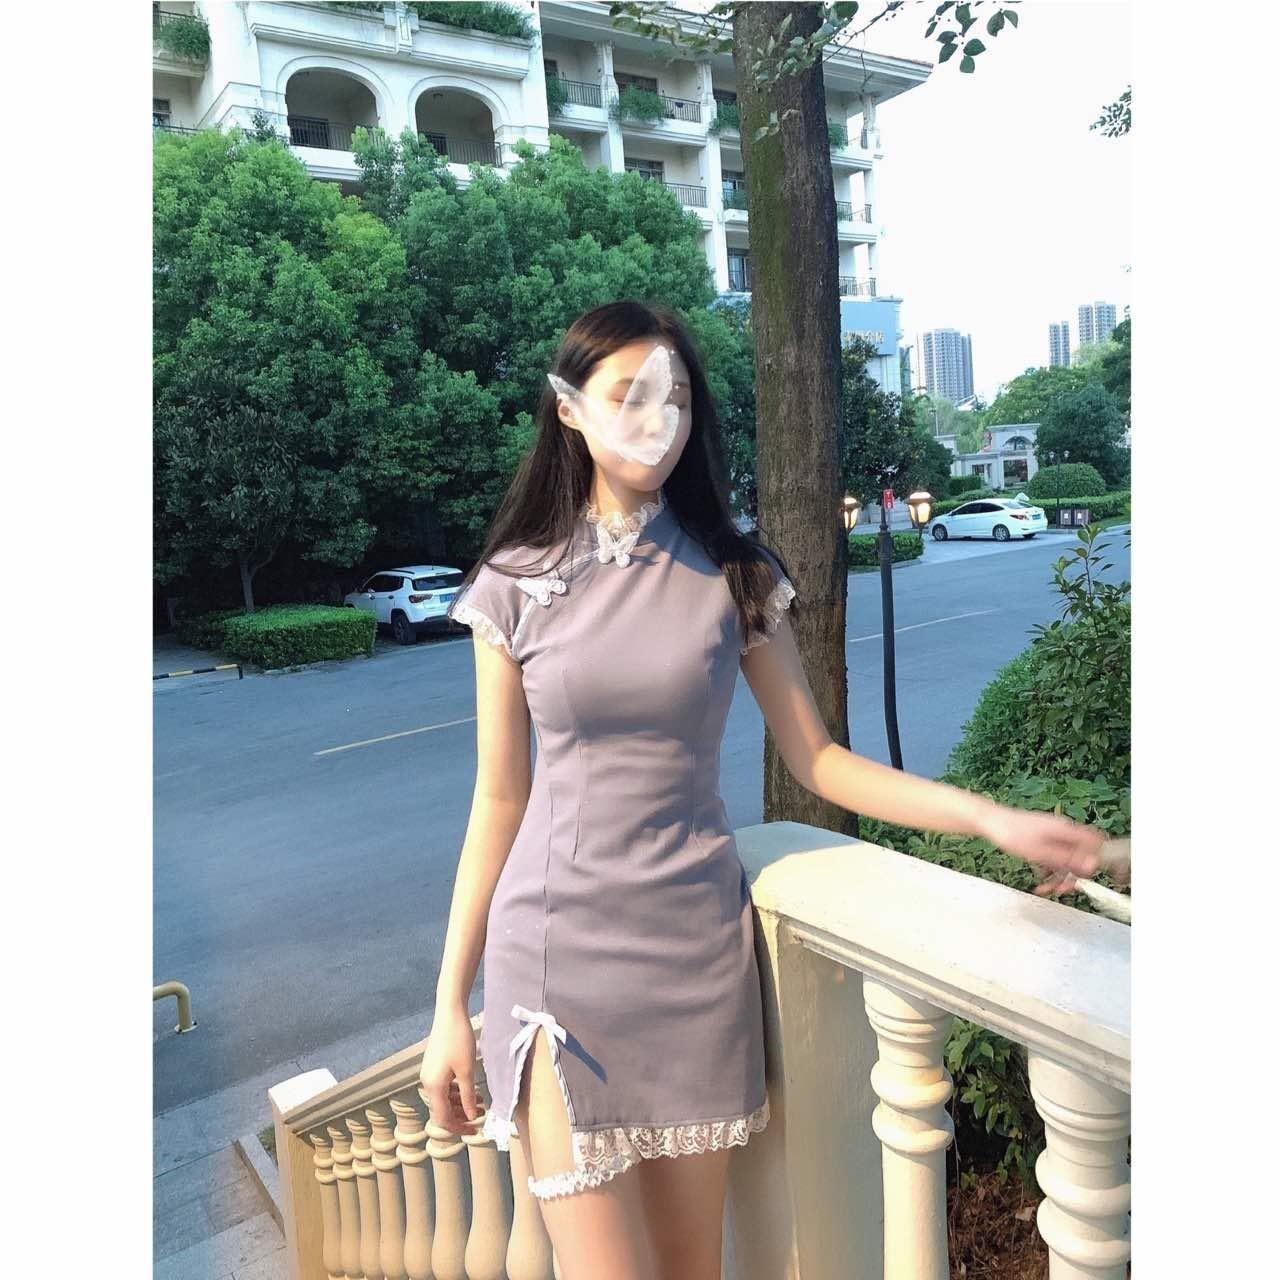 改良甜美蝴蝶旗袍开叉连衣裙洛丽塔又纯又欲的旗袍短裙温柔可爱裙